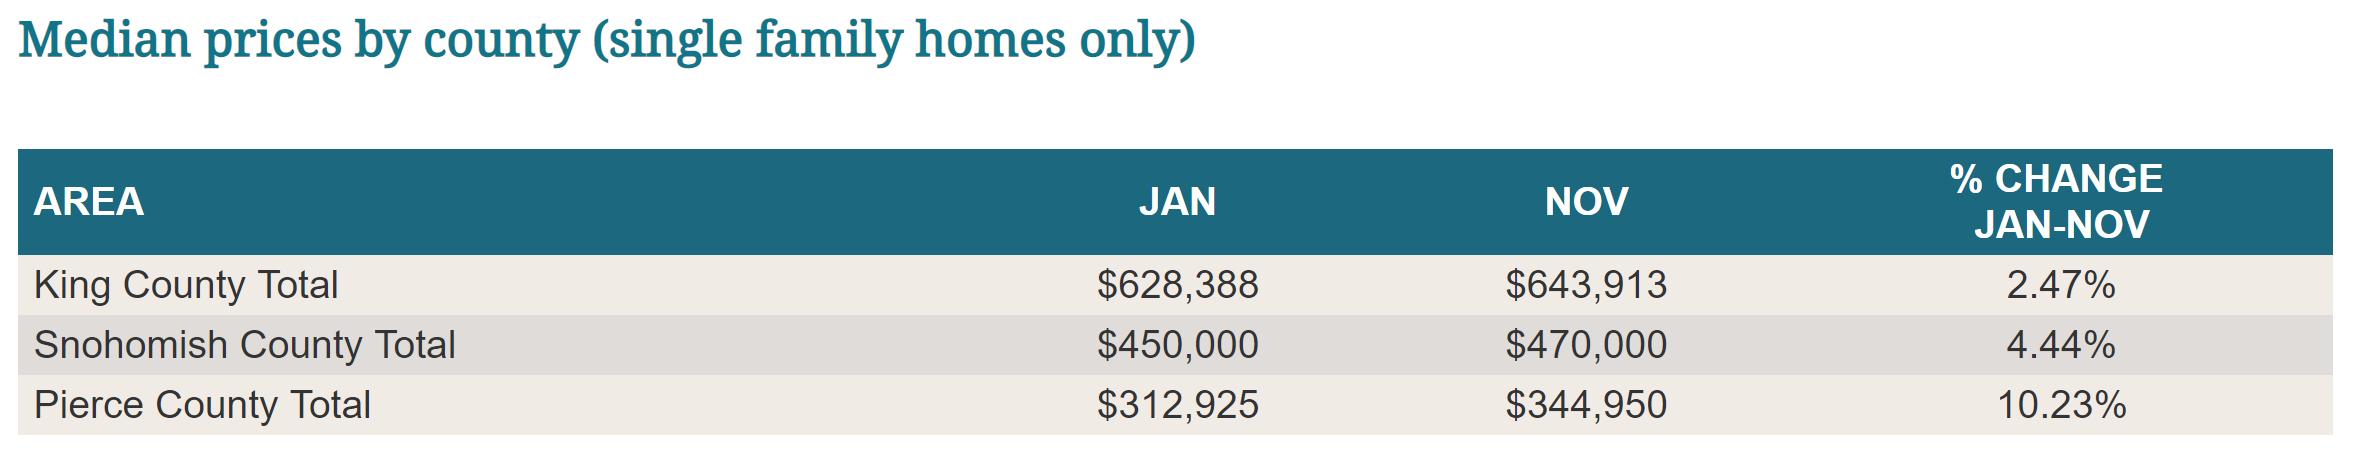 Dec Median Prices